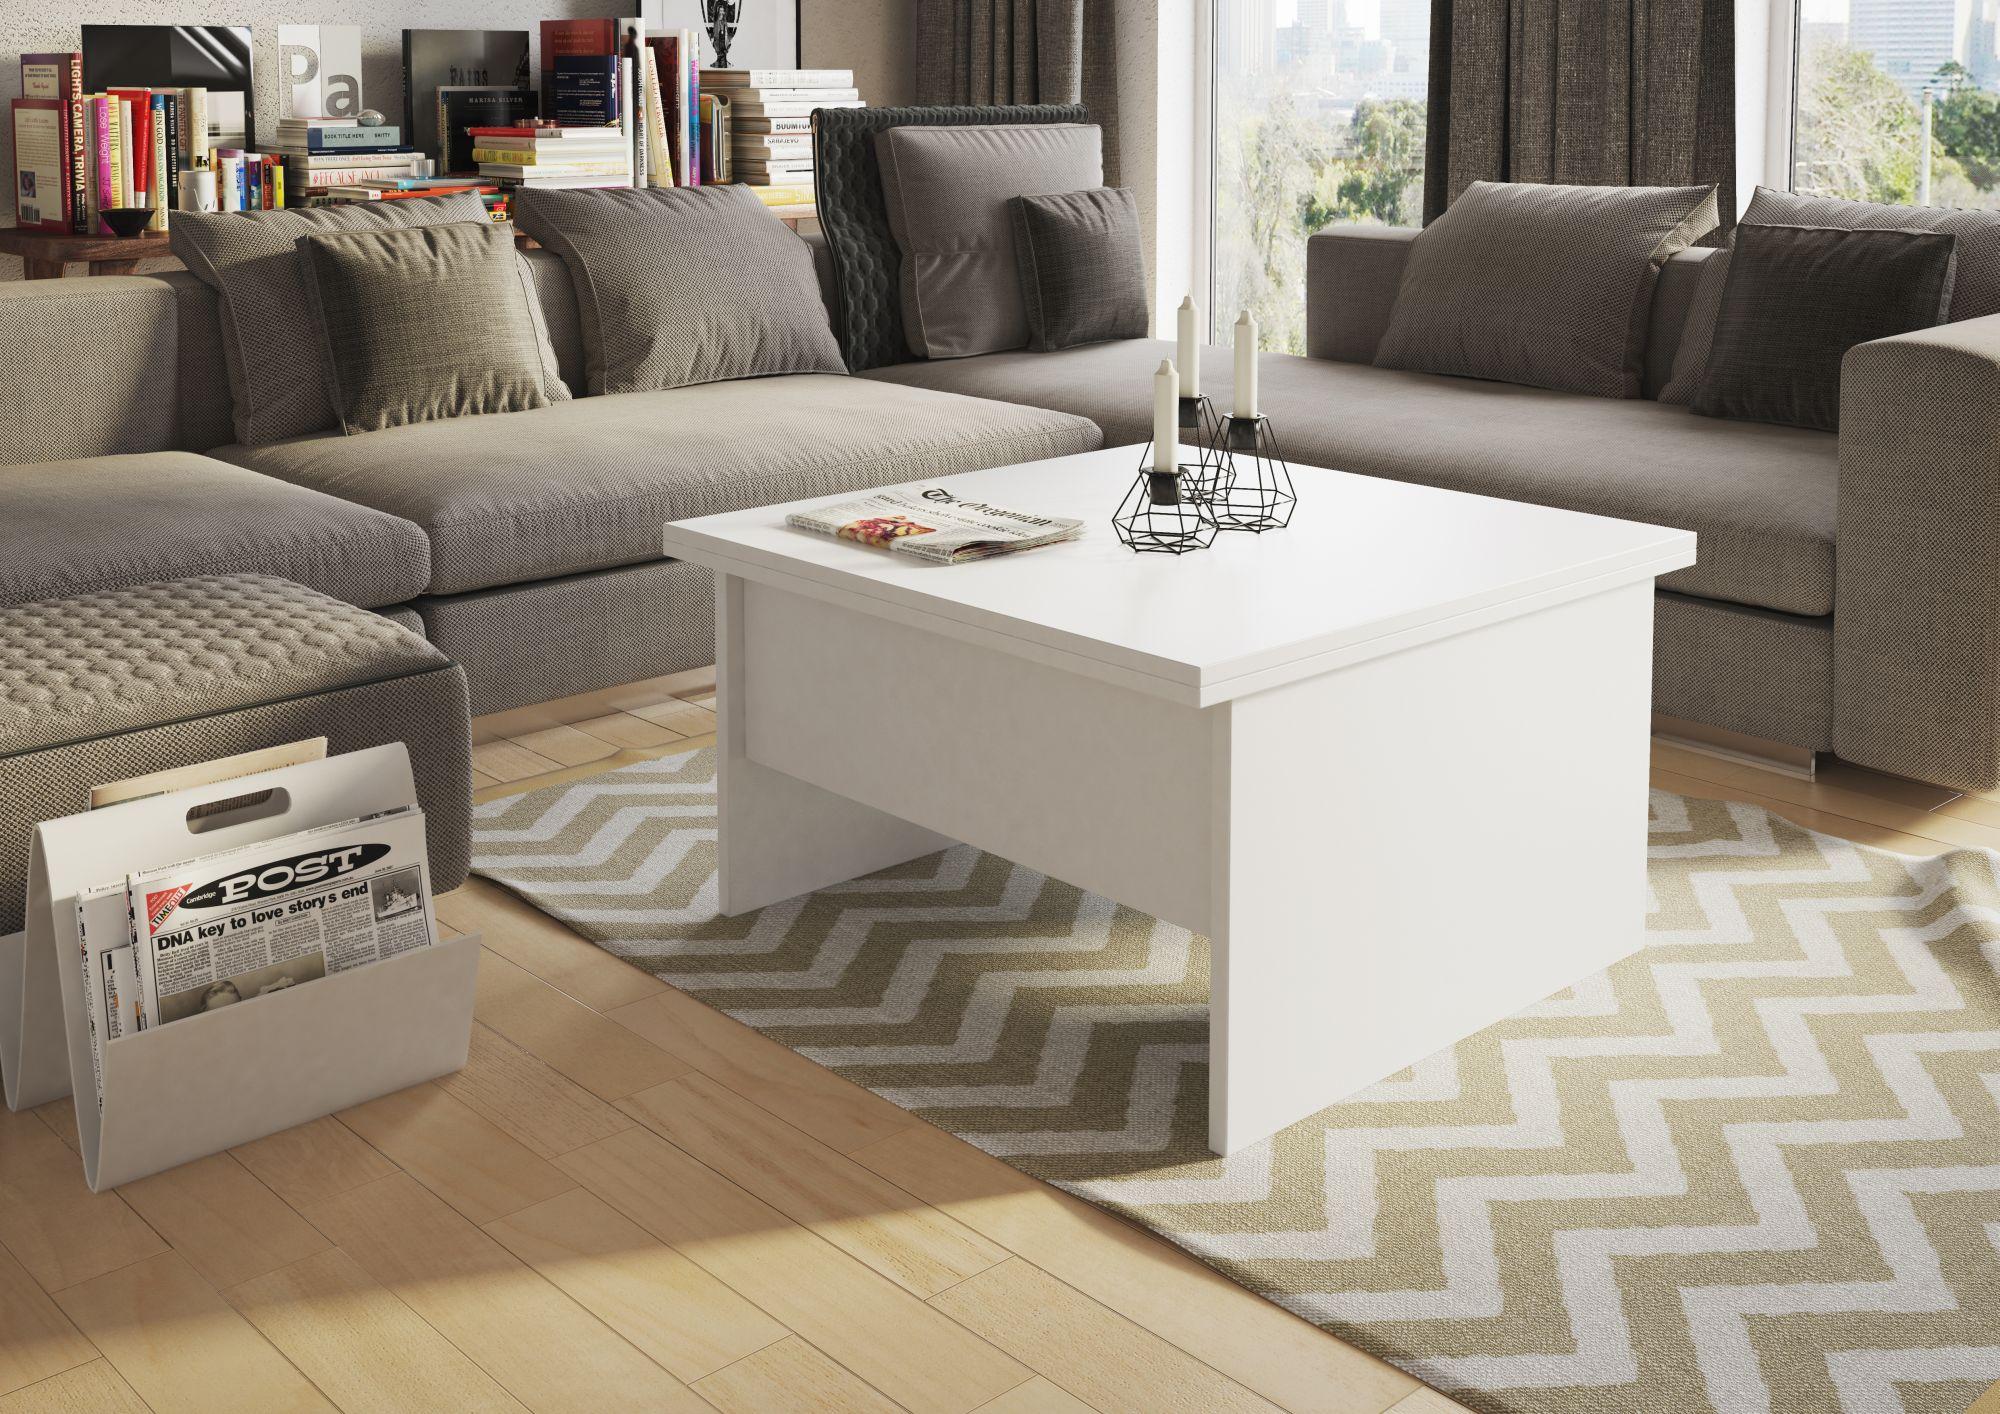 Stolik okolicznościowy Space. Rozkładany, o prostej, geometrycznej formie. Po rozłożeniu może pełnić rolę stołu. Fot. Szynaka Meble